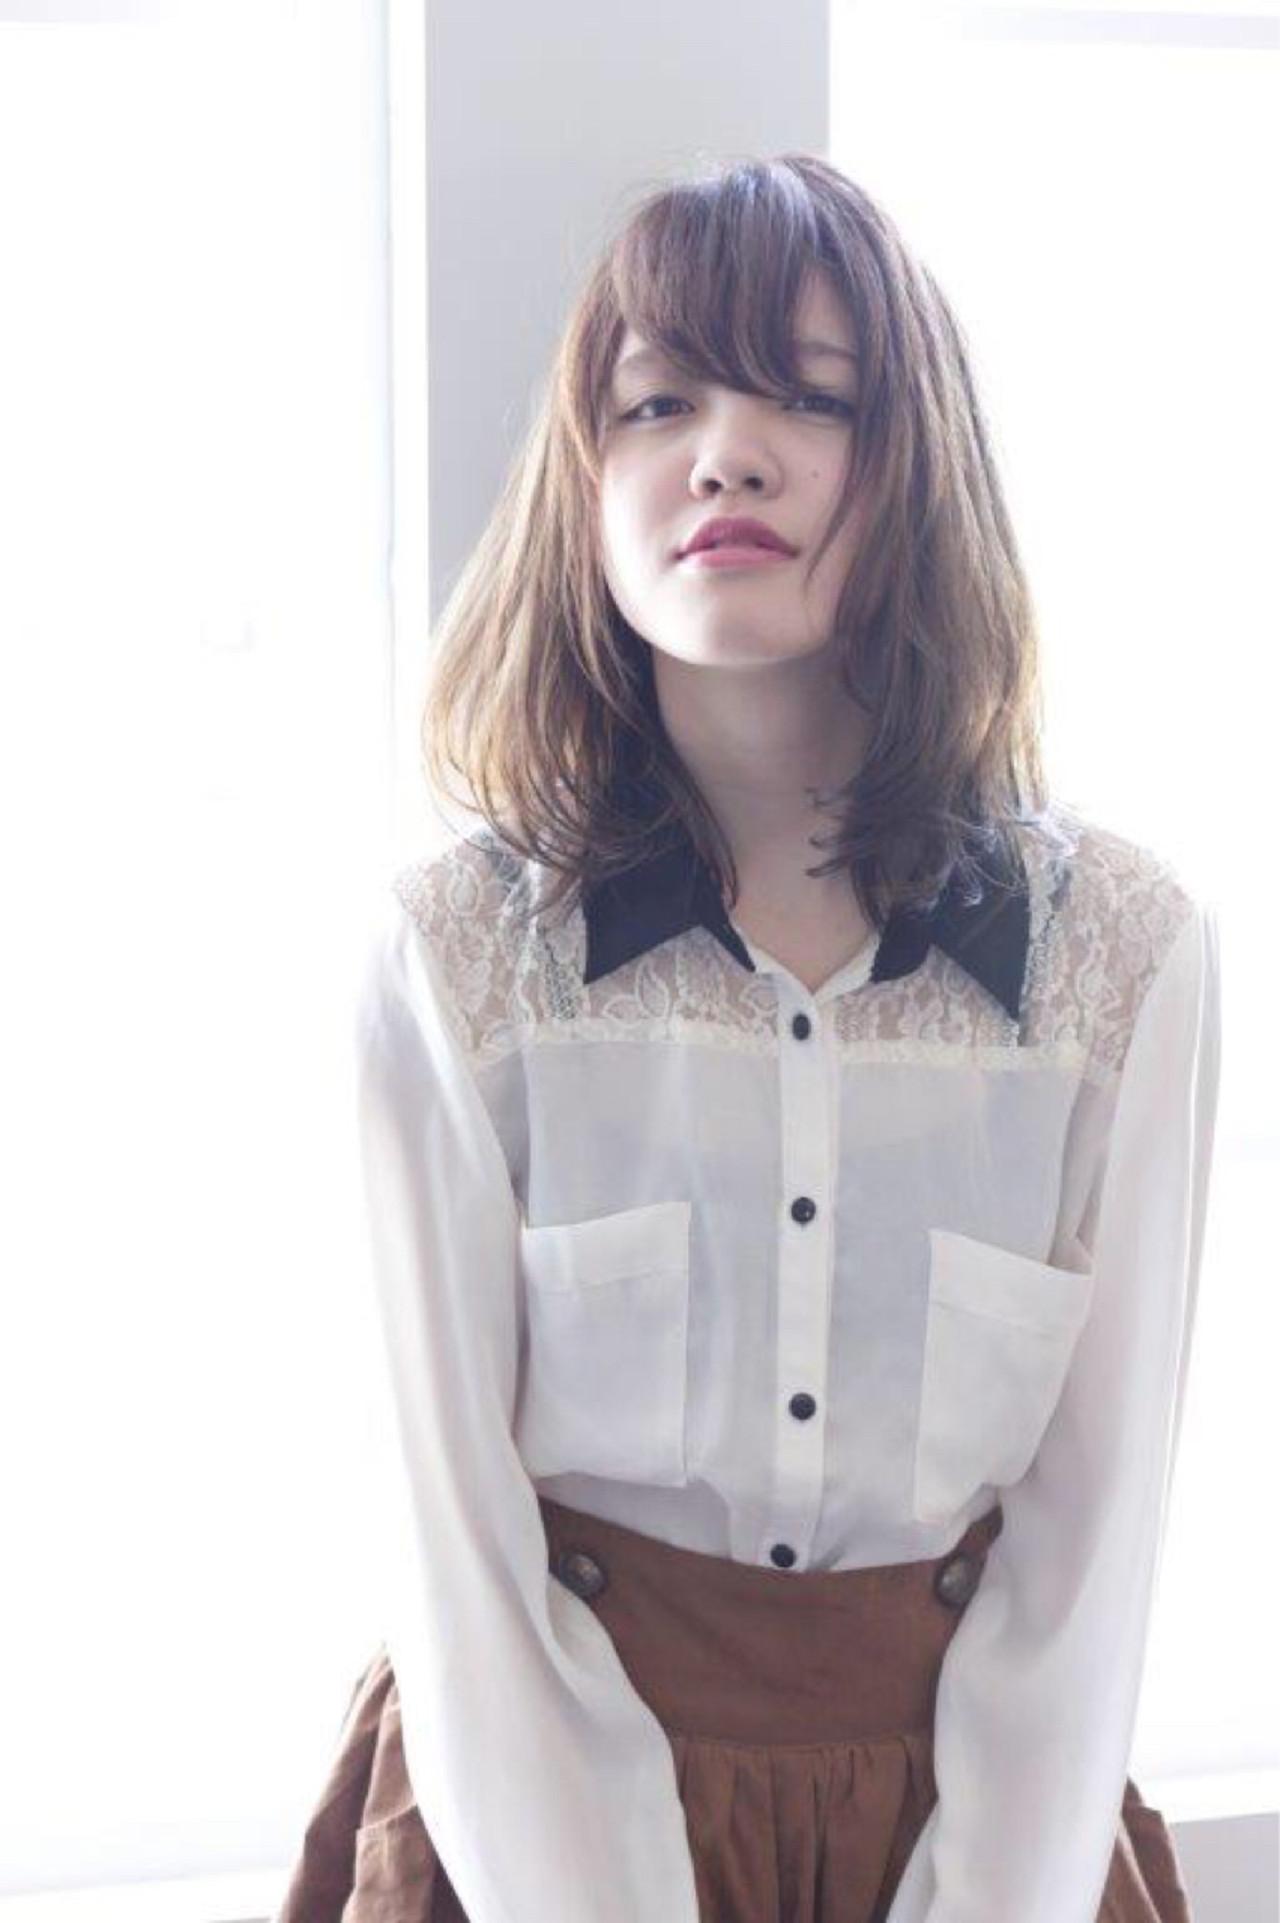 ナチュラル 前髪あり 艶髪 秋 ヘアスタイルや髪型の写真・画像 | 佐々田 広大 / Chord【コード】